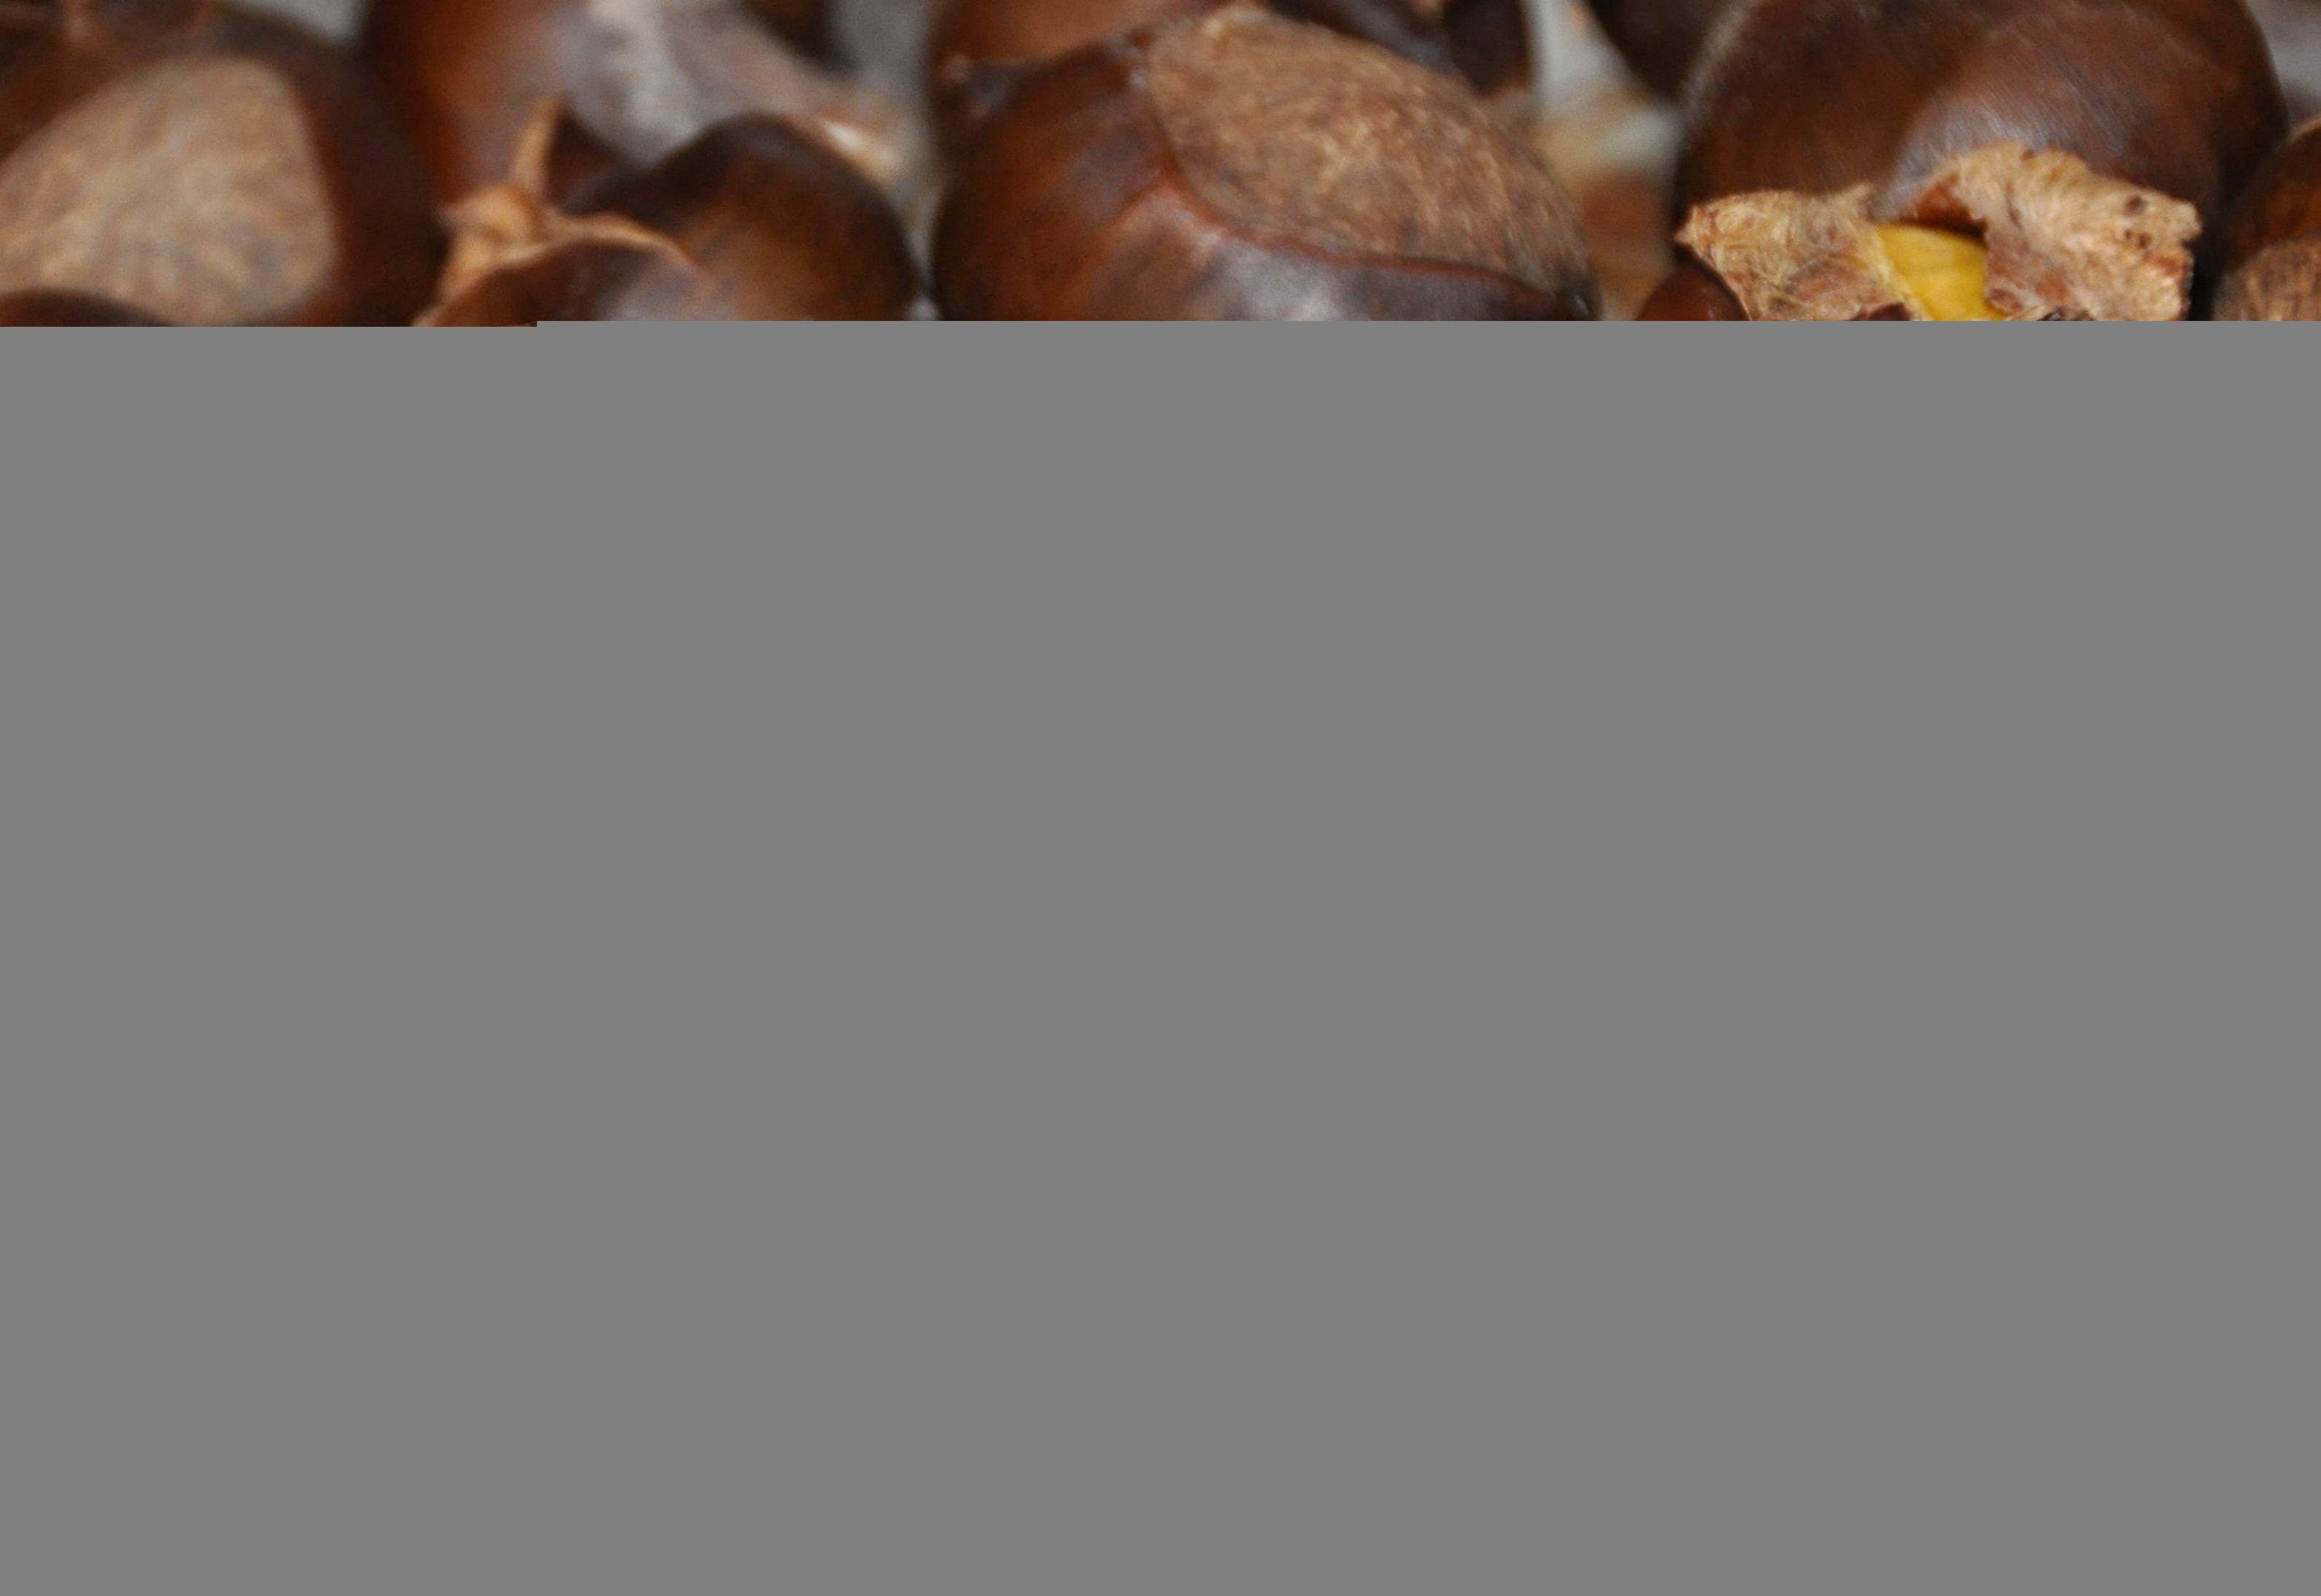 Каштаны: калорийность, польза и вред для здоровья организма